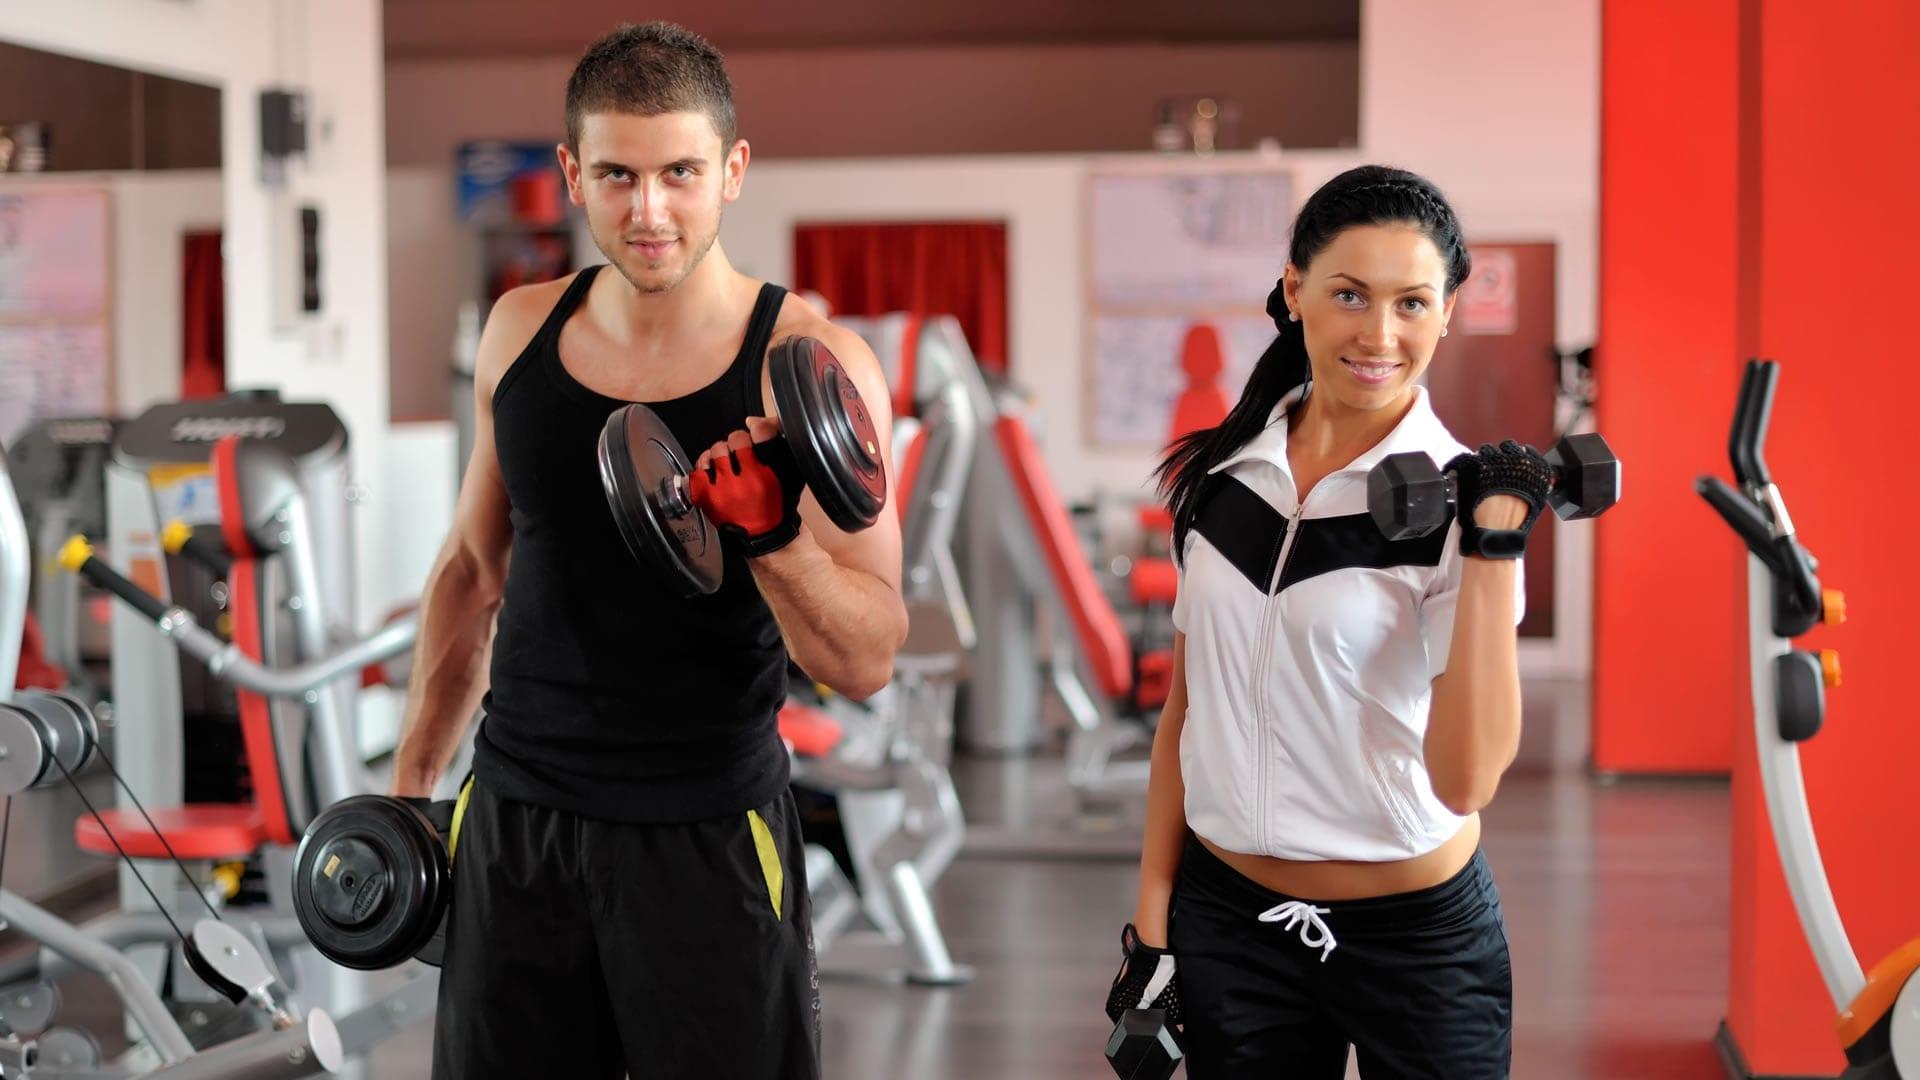 Gu a de gimnasio y musculaci n para principiantes - Ejercicios de gimnasio en casa ...